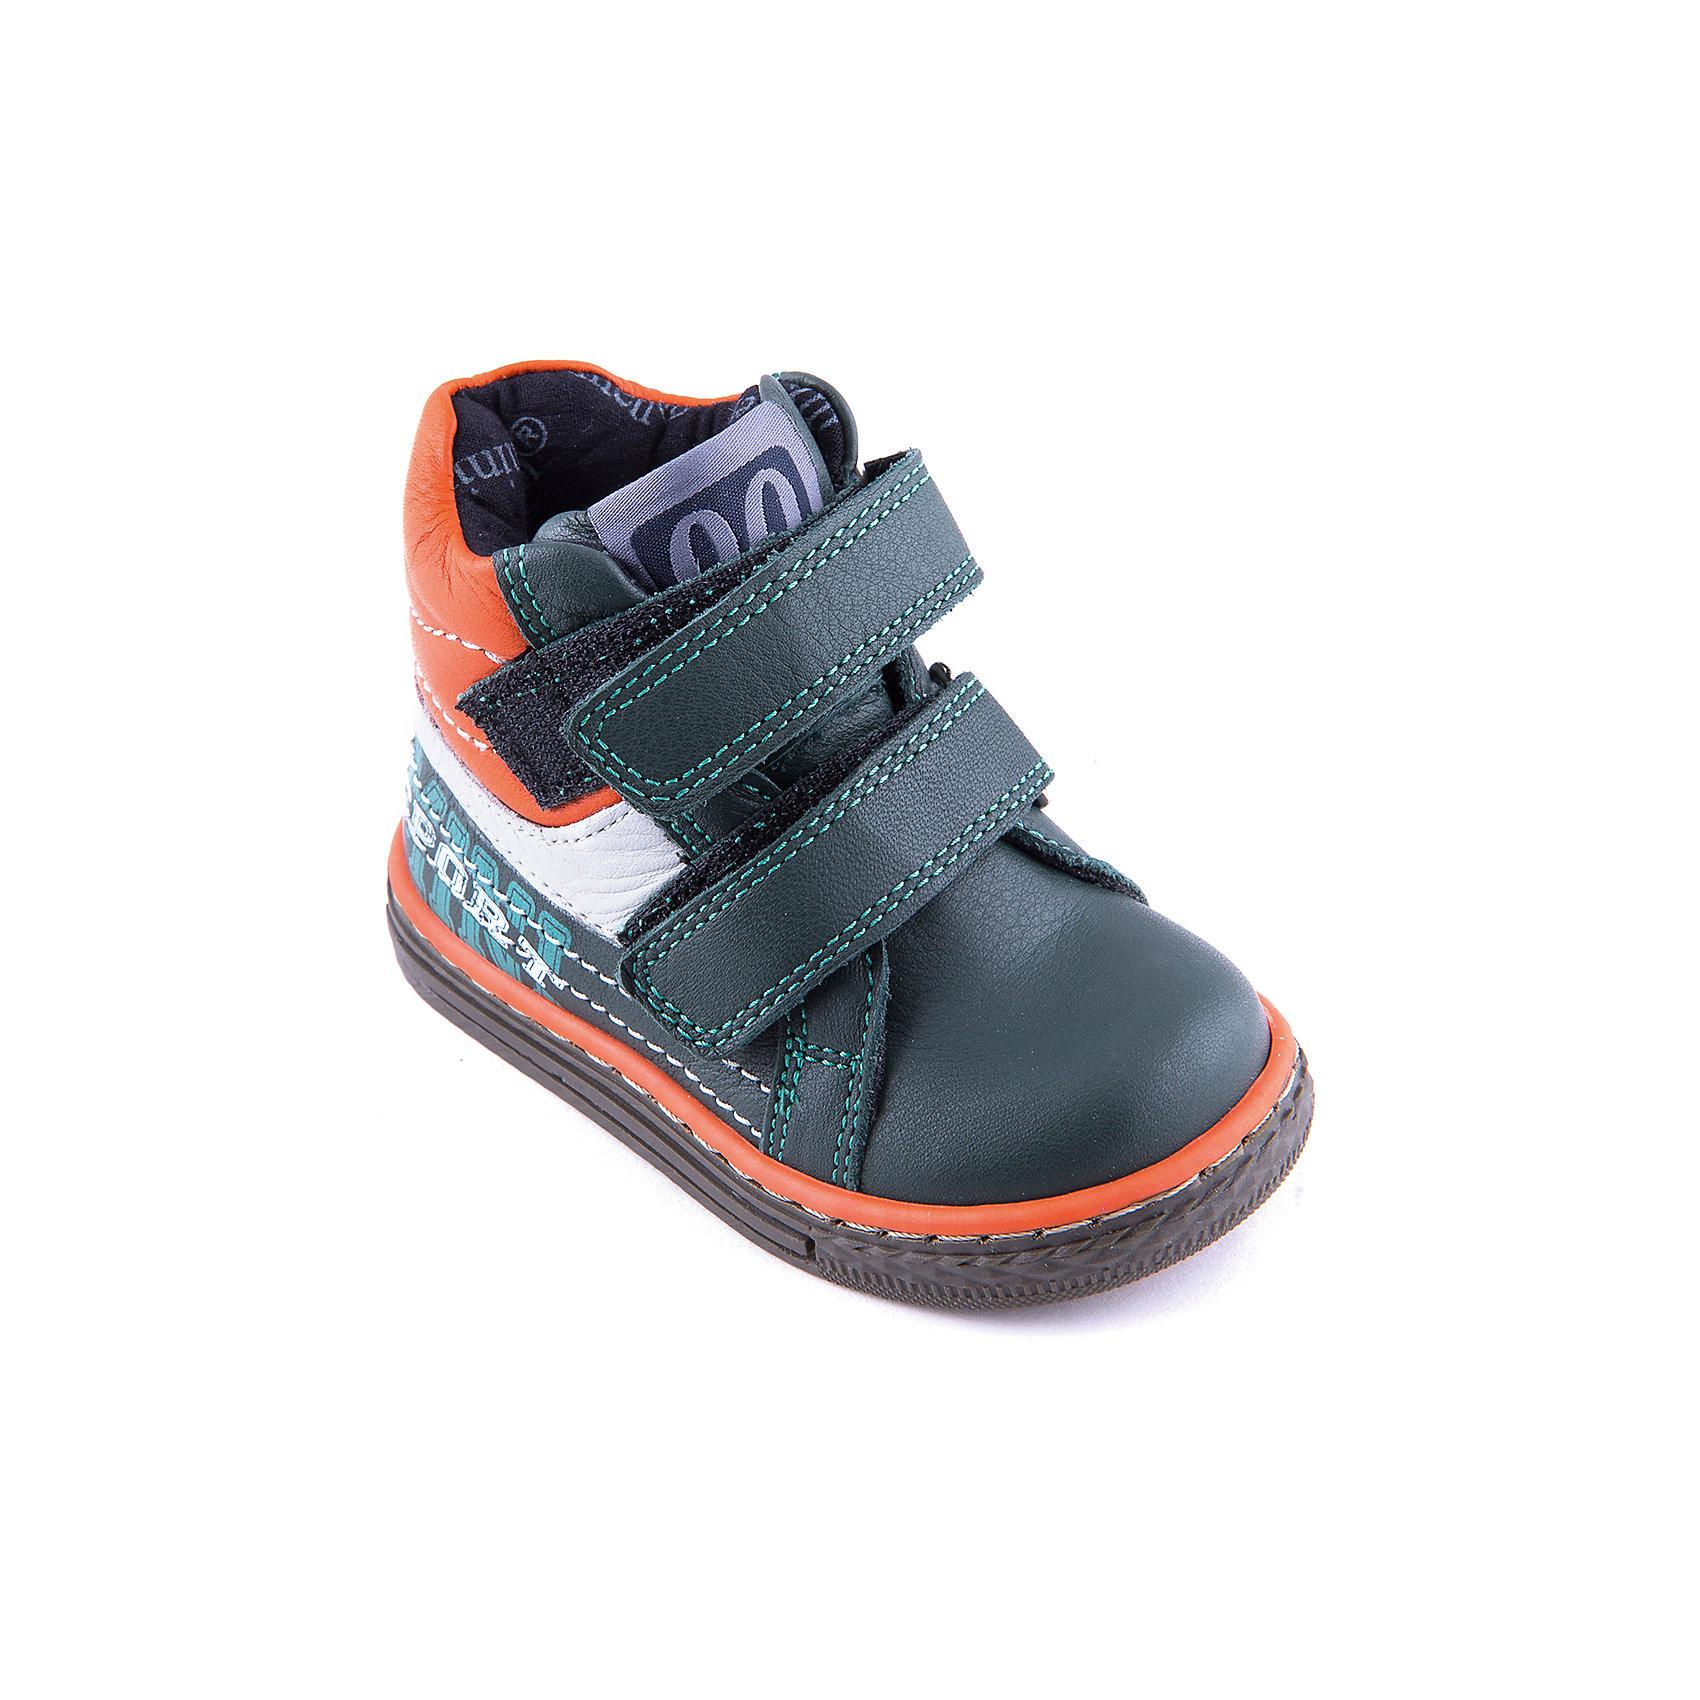 Ботинки для мальчика MinimenМодные кожаные ботинки для мальчика от известного бренда Minimen. Изделие предназначено для использования в сухую погоду при температуре воздуха выше +10 градусов и обладает следующими особенностями:<br>- комбинированный цвет, эффектный дизайн;<br>- 2 ремешка с велкро;<br>- усиленный противоударный мыс;<br>- укрепленный задник надежно фиксирует пятку;<br>- мягкий верхний задник защищает от скольжения стопы;<br>- дышащая подкладка из натурального хлопка;<br>- анатомическая стелька с супинатором заботливо поддерживает стопу;<br>- легкая нескользящая подошва.<br>Отличная обувь для любимых ножек!<br><br>Дополнительная информация:<br>- Температурный режим: выше +10 градусов<br>- Состав: <br>Материал верха: натуральная кожа 100%; <br>Материал подкладки: текстиль хлопок 100%; <br>Материал подошвы: термопластик 100%<br><br>Ботинки для мальчика Minimen (Минимен) можно купить в нашем магазине<br><br>Ширина мм: 262<br>Глубина мм: 176<br>Высота мм: 97<br>Вес г: 427<br>Цвет: зеленый<br>Возраст от месяцев: 9<br>Возраст до месяцев: 12<br>Пол: Мужской<br>Возраст: Детский<br>Размер: 20,22,23,24,21<br>SKU: 4008635